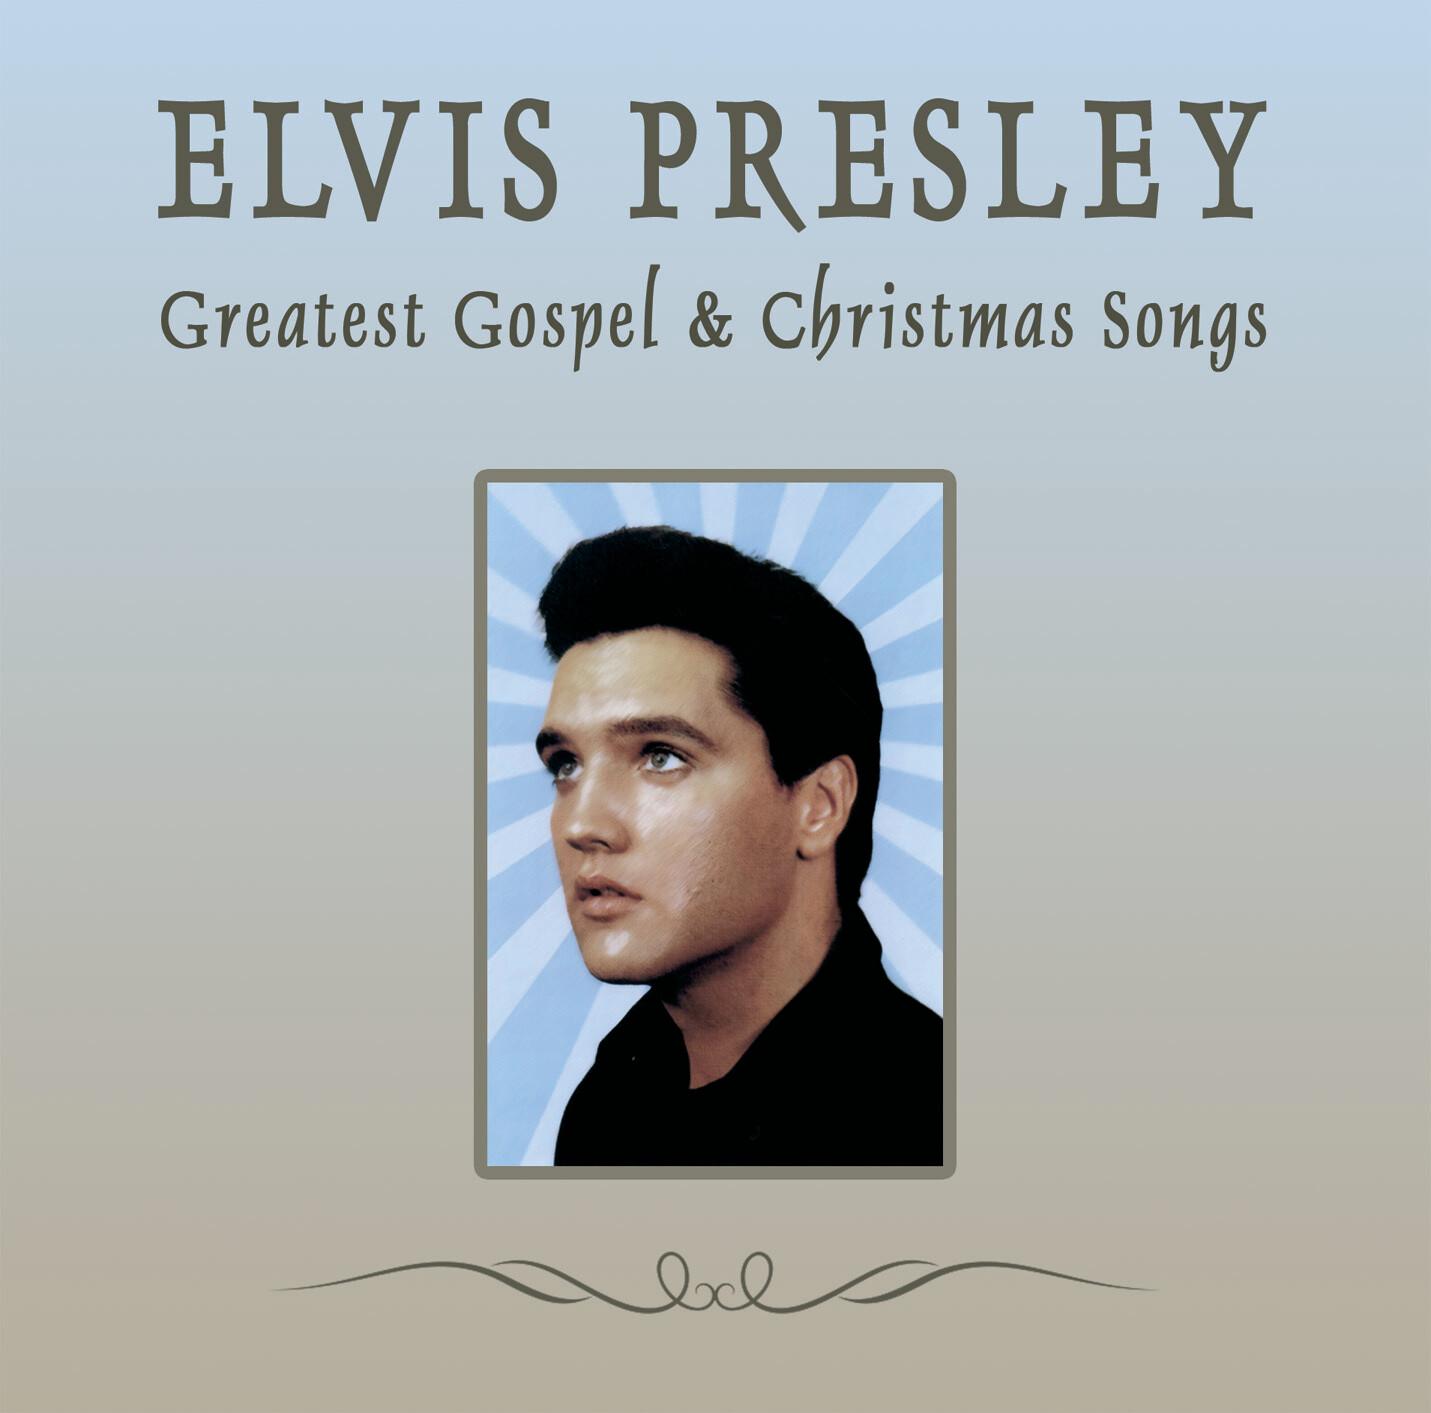 Elvis Presley - Greatest Gospel & Christmas Songs [CD]